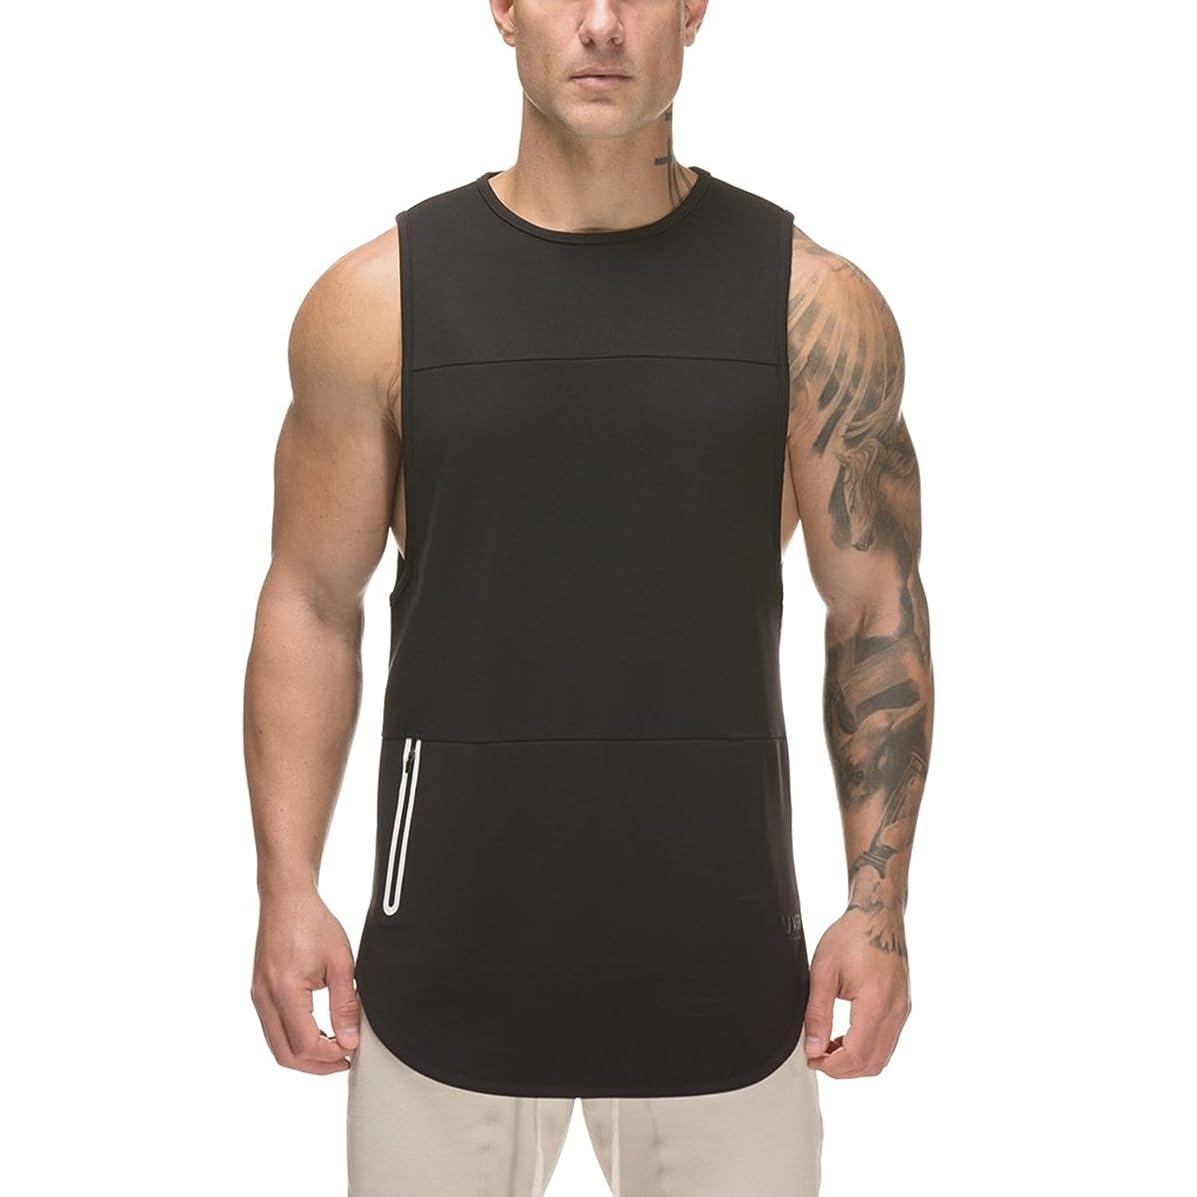 契約印象的エージェントChange トレーニングタンクトップ メンズ ジム ノースリーブ 筋トレ フィットネス ウェア コットン 黑 白